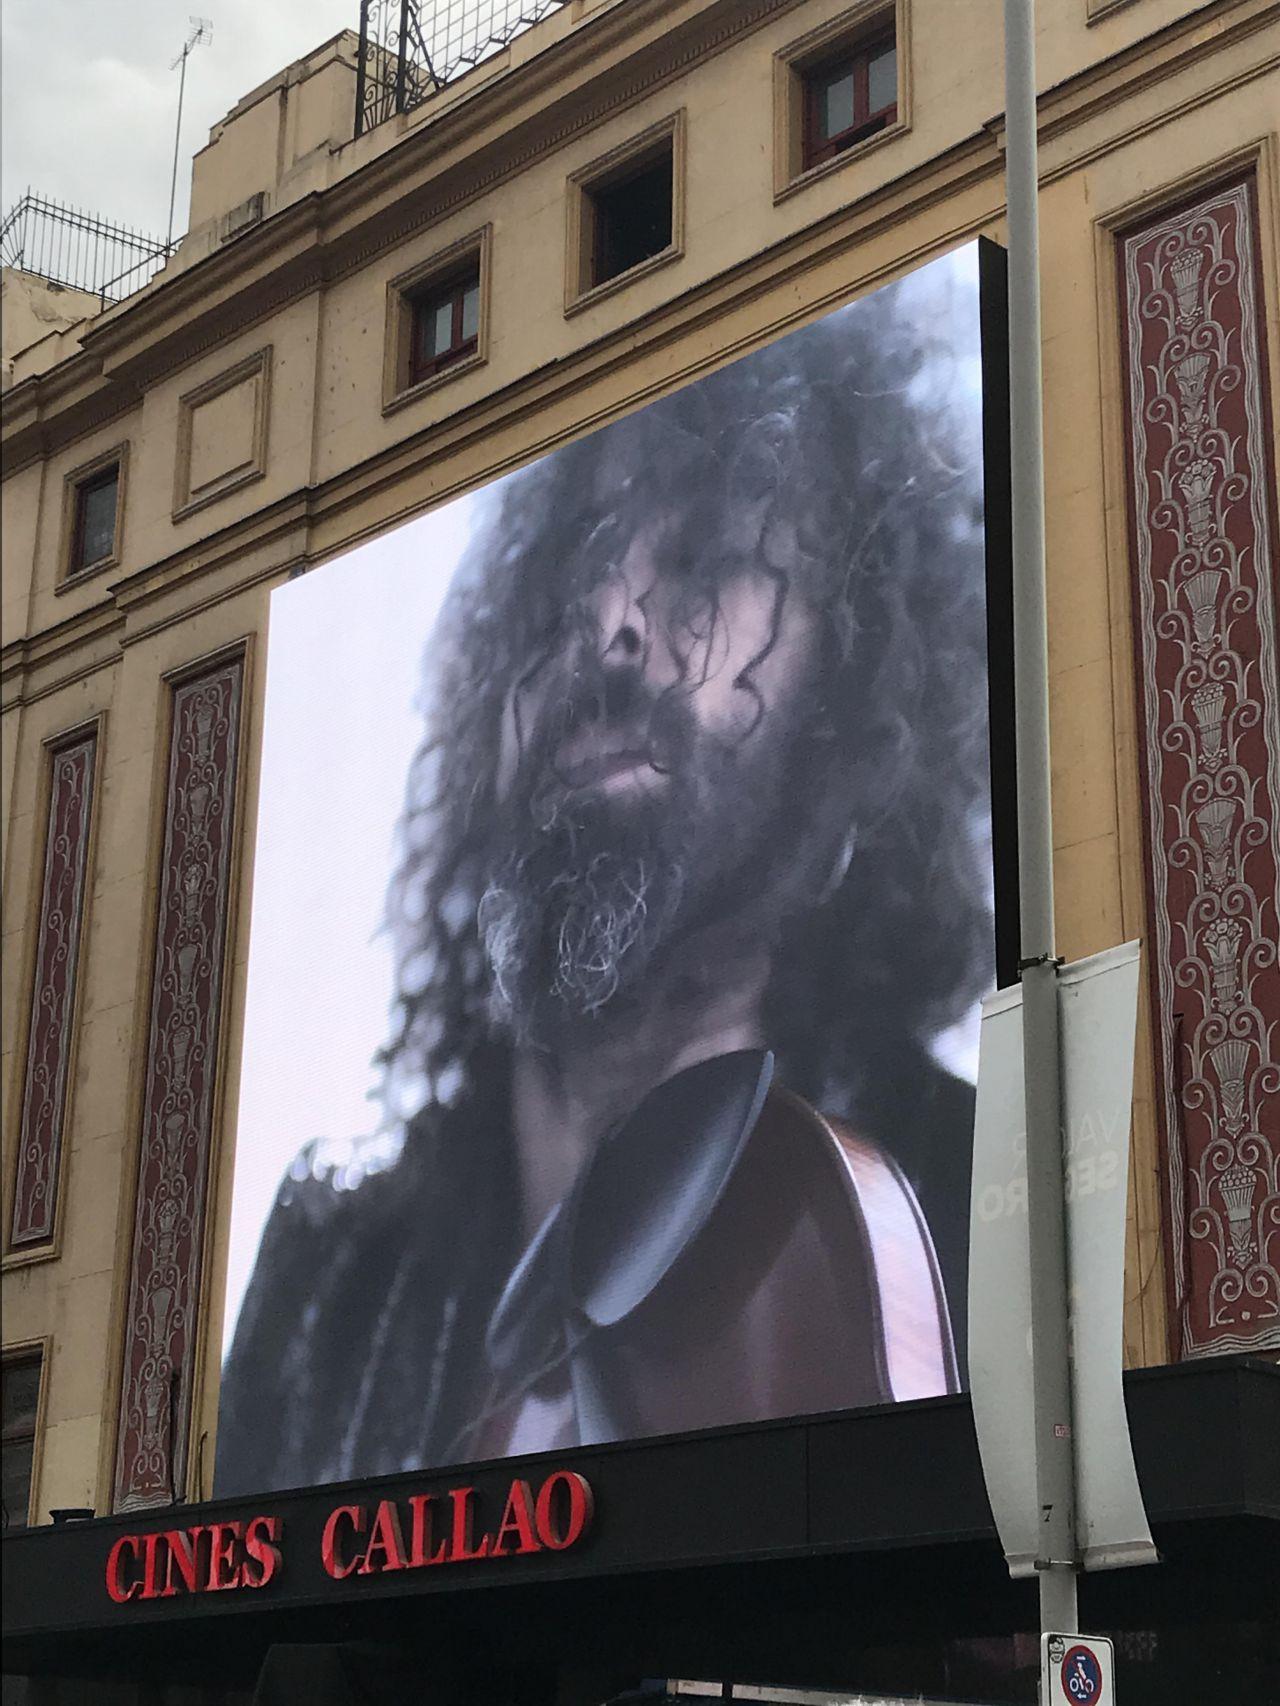 Las pantallas del cine Callao han mostrado al público detalles del concierto.